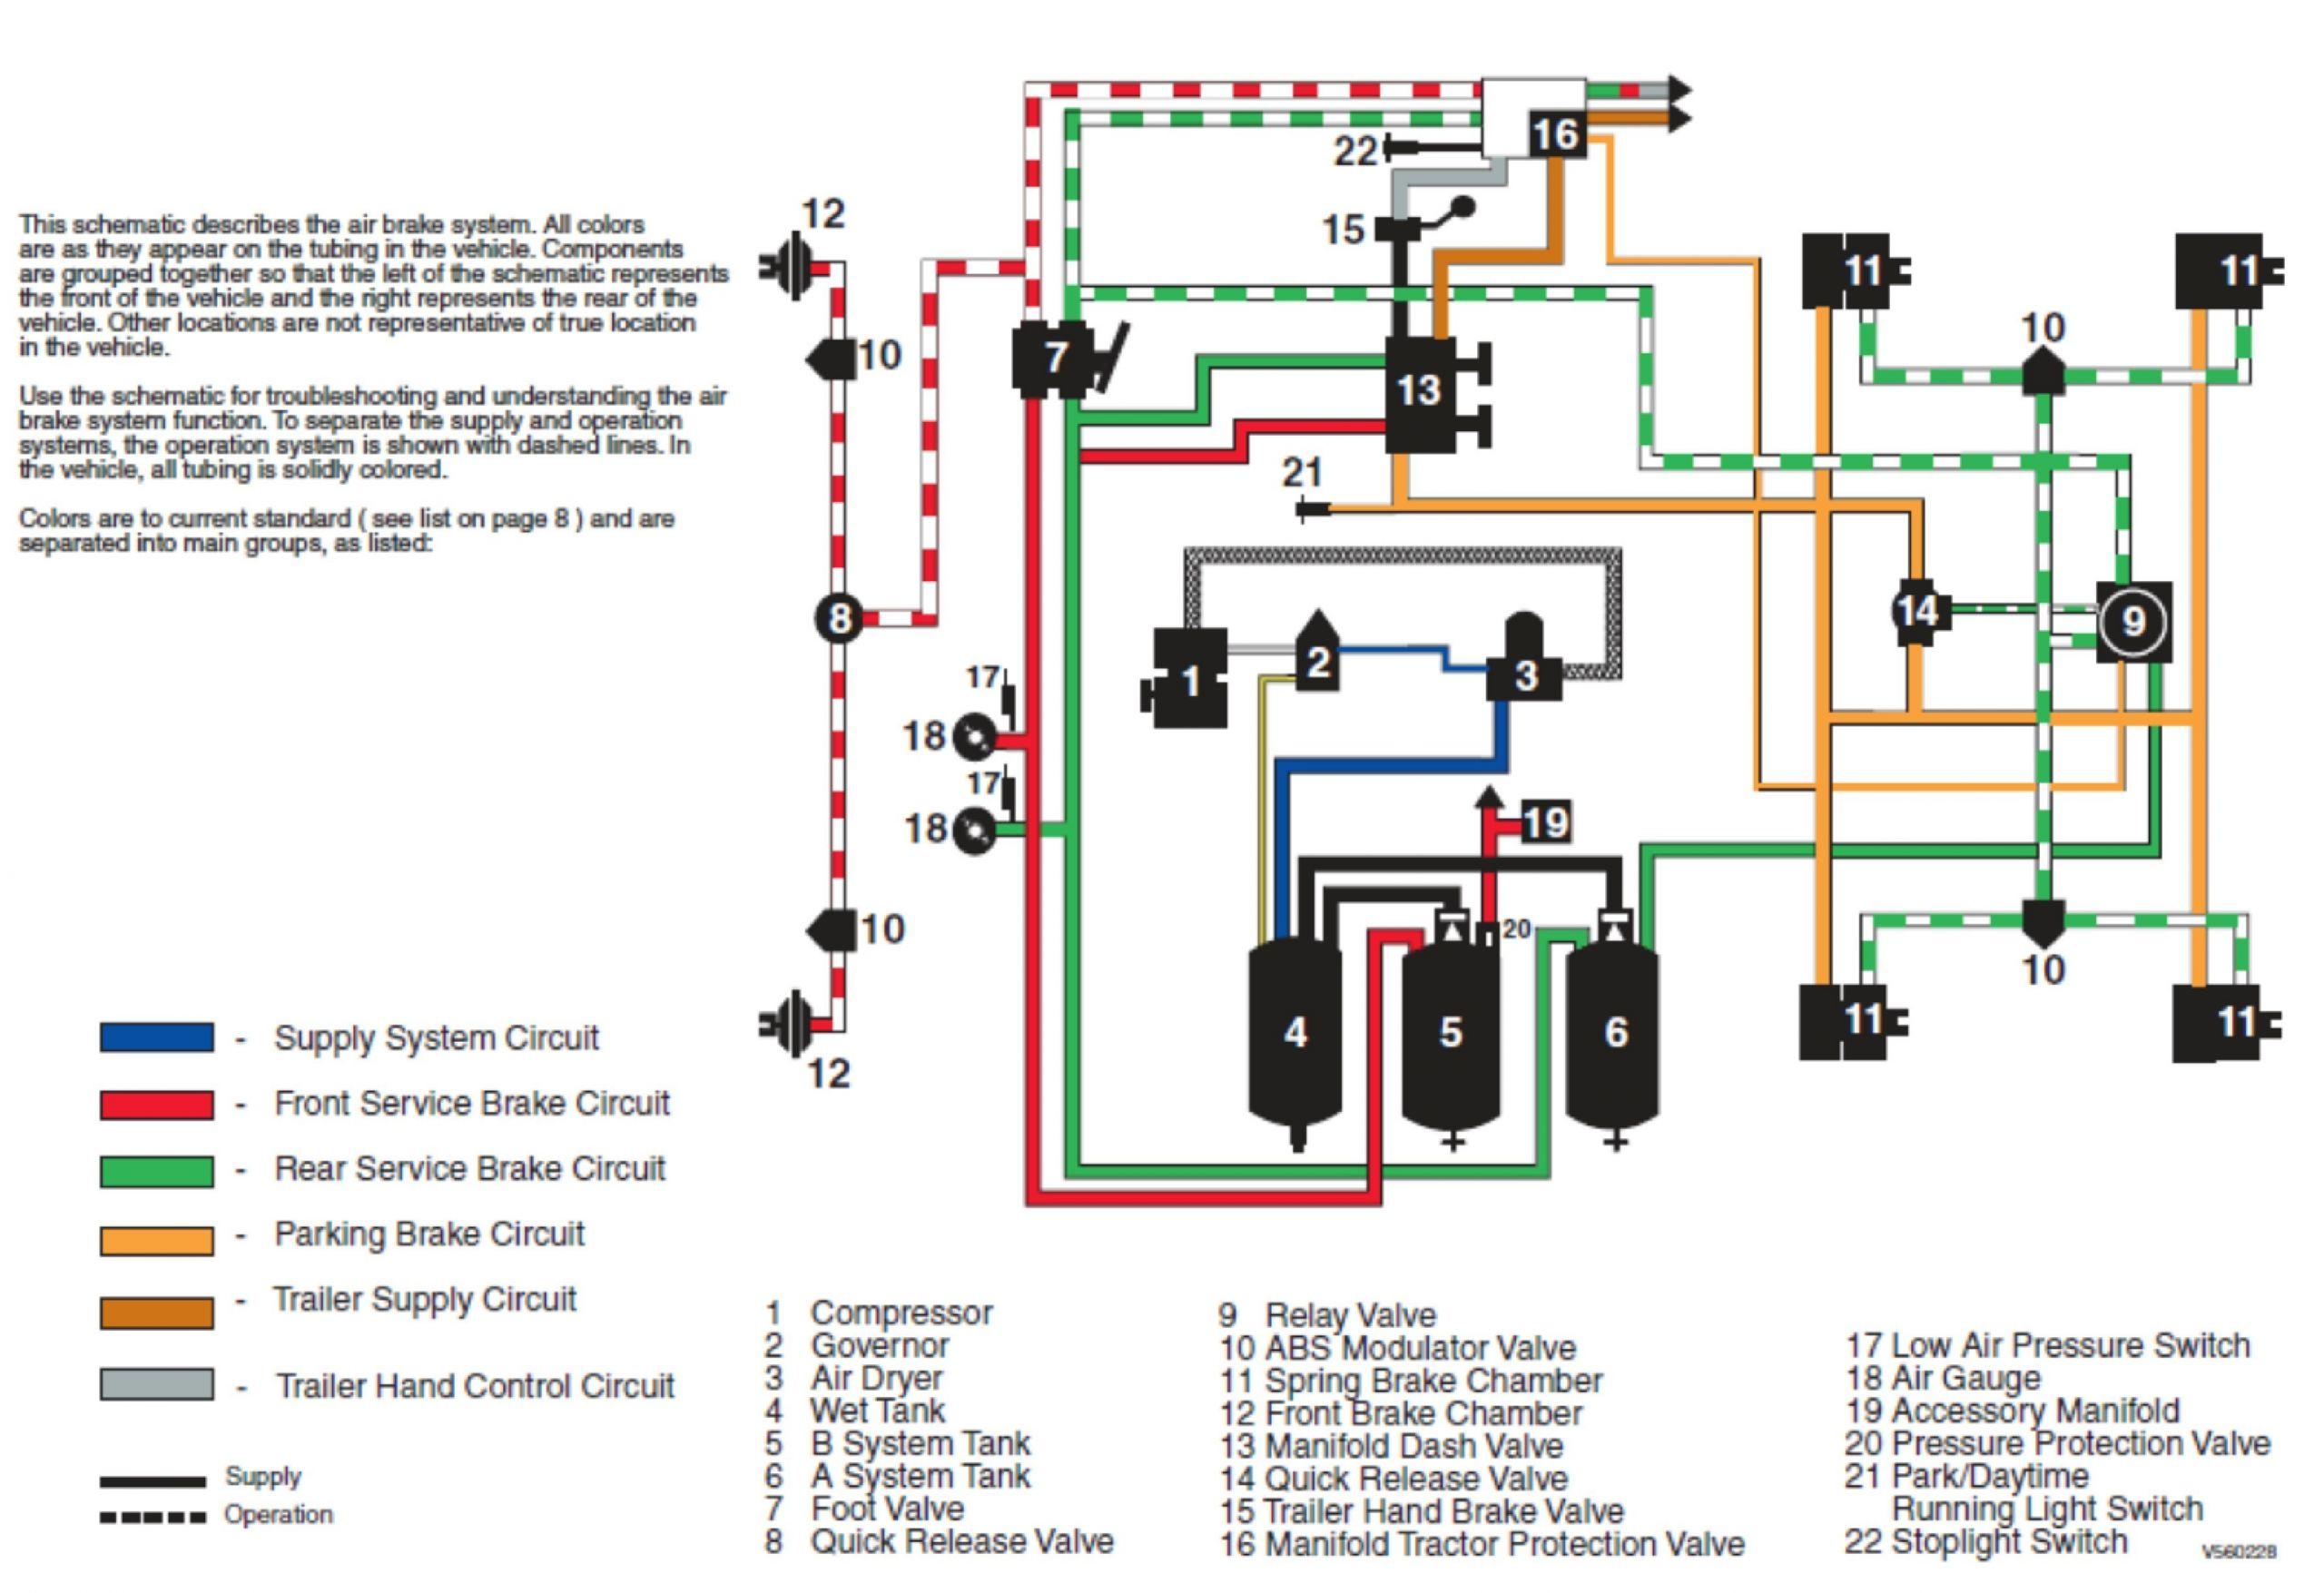 Peterbilt Trolly Brake Schematic Peterbilt Air Brake System Diagram Of Peterbilt Trolly Brake Schematic